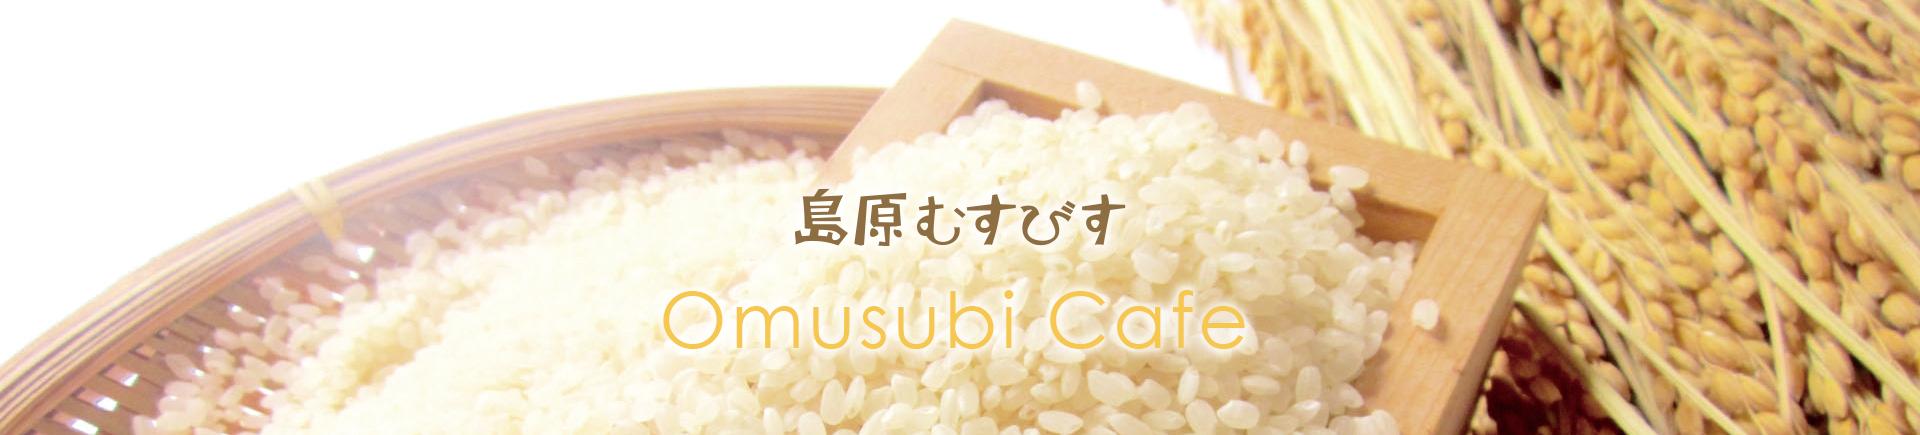 島原むすびす Omusubi Cafe